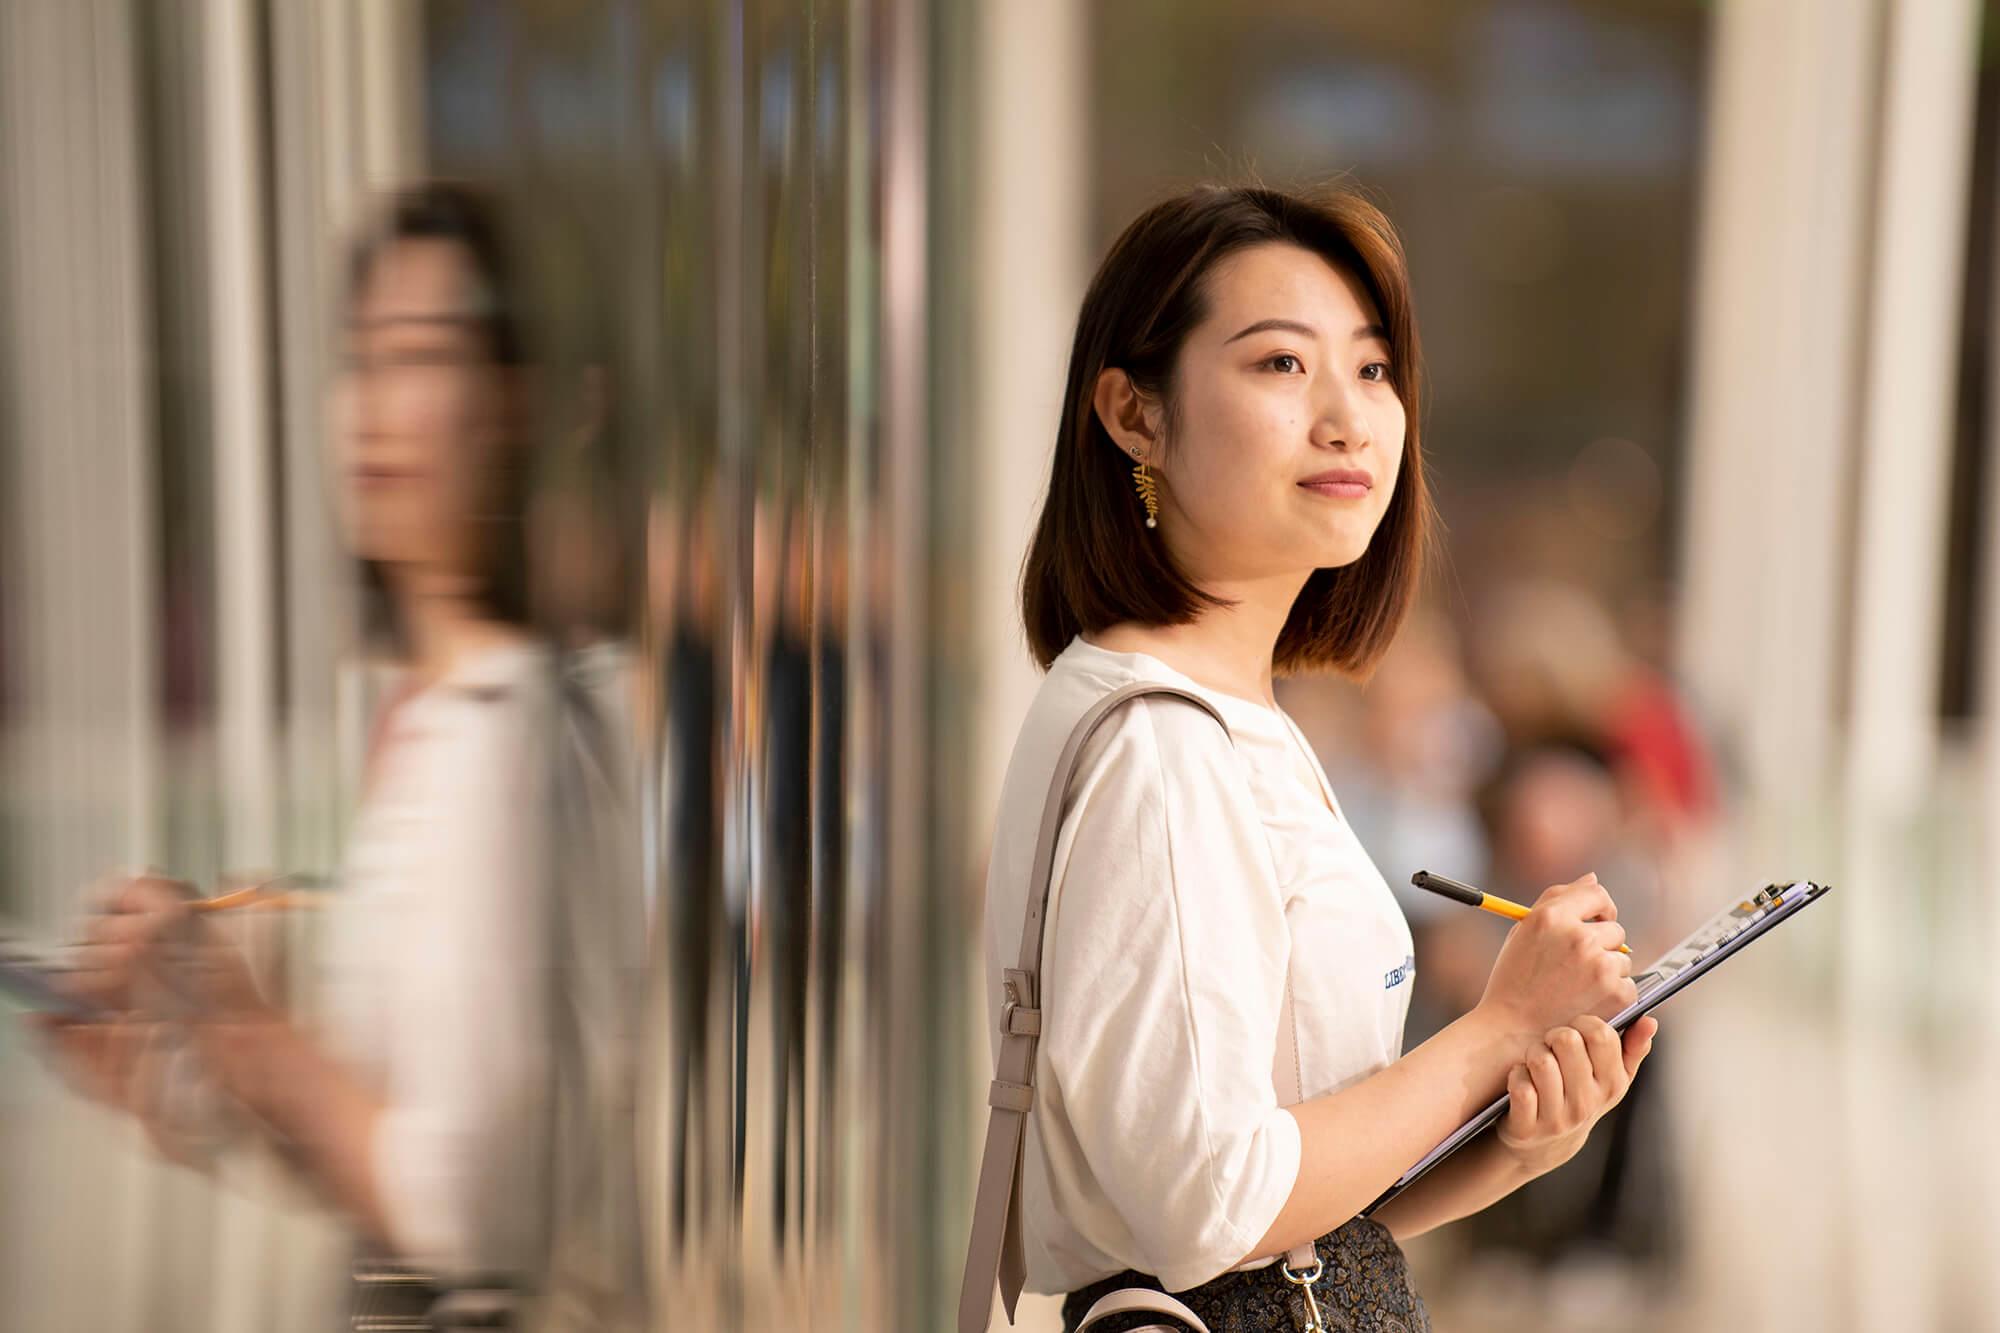 PhD student Bowen Shang